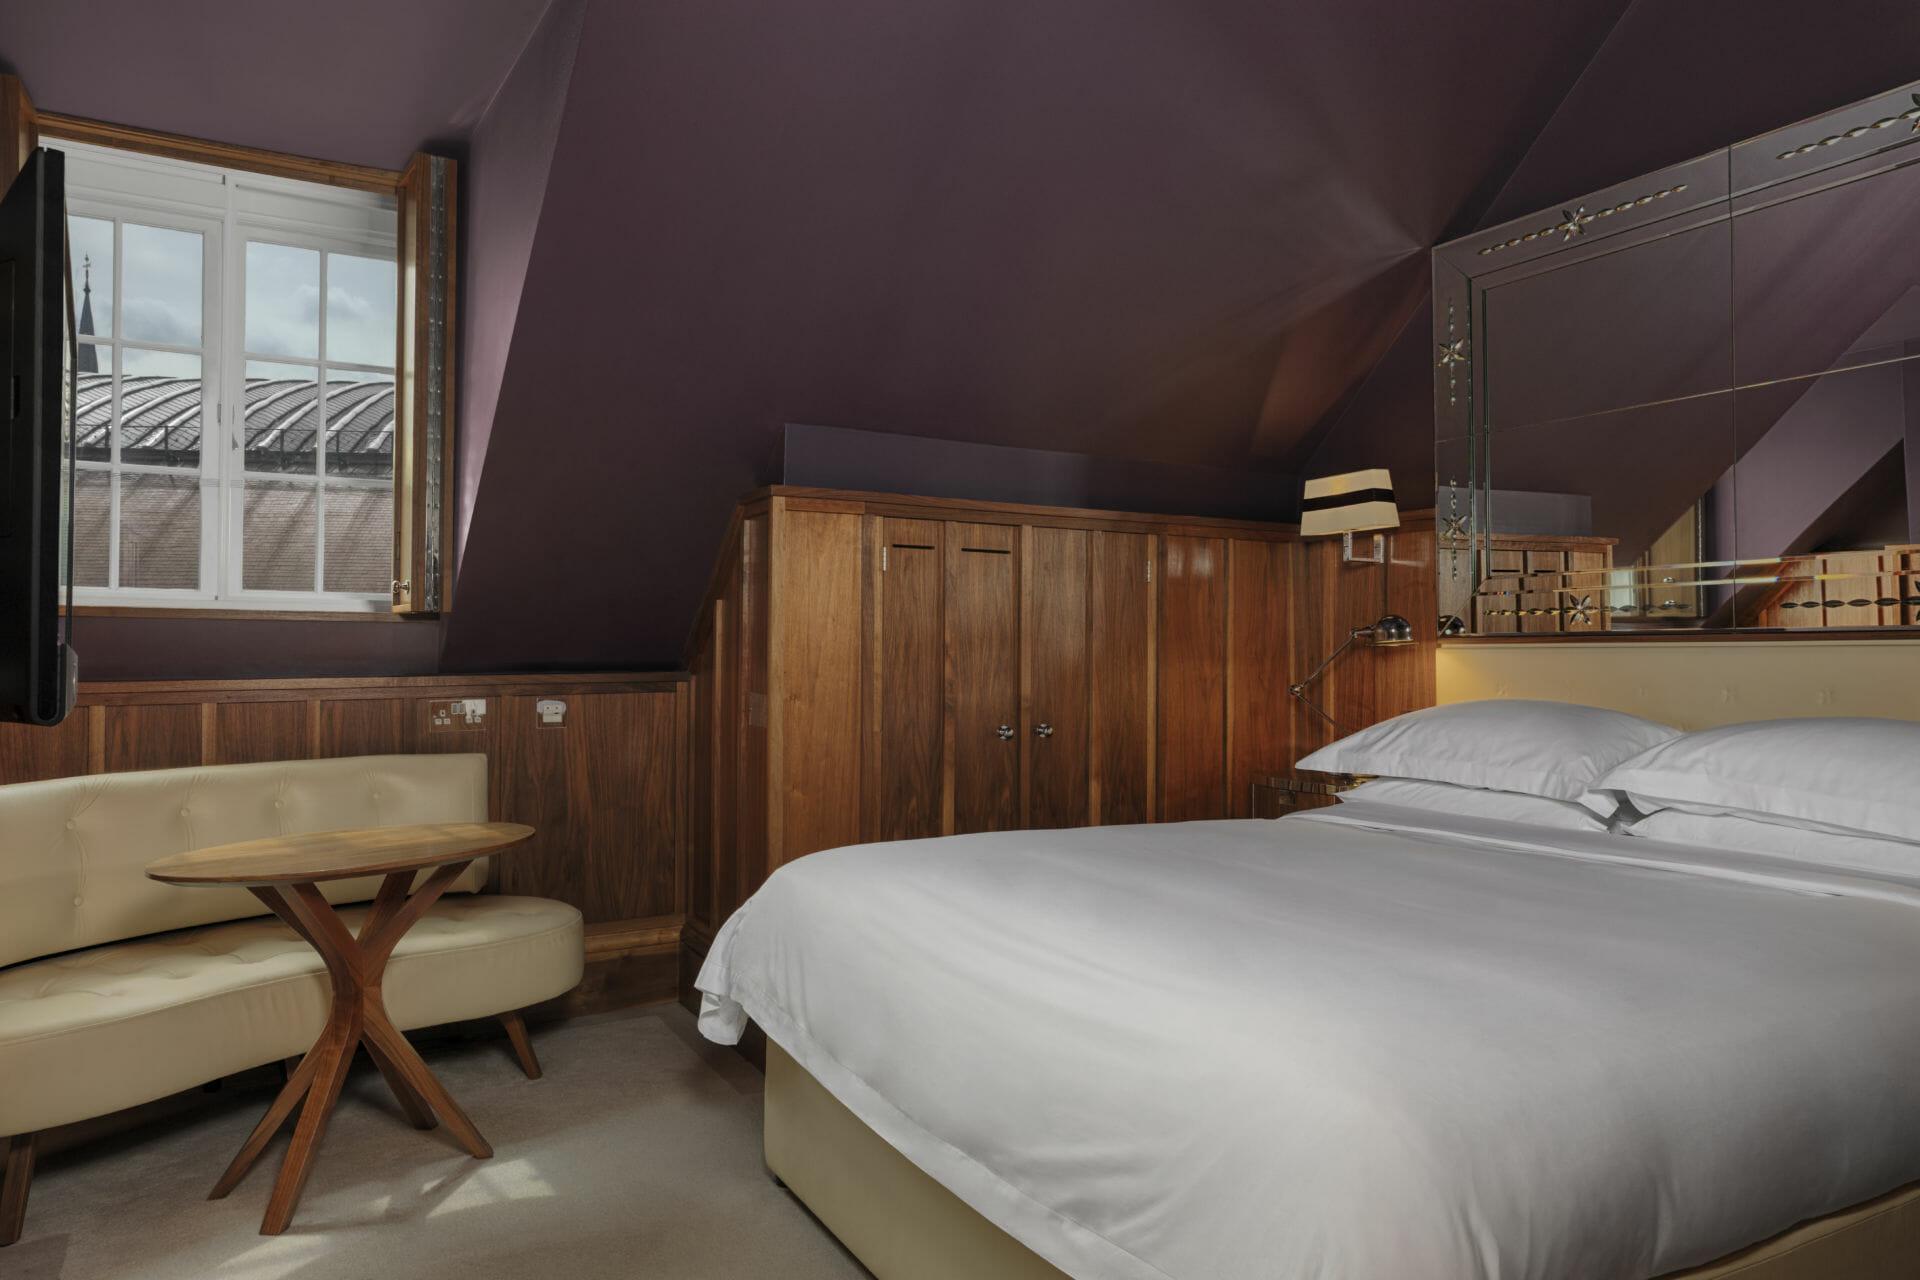 Wainscot Bedroom